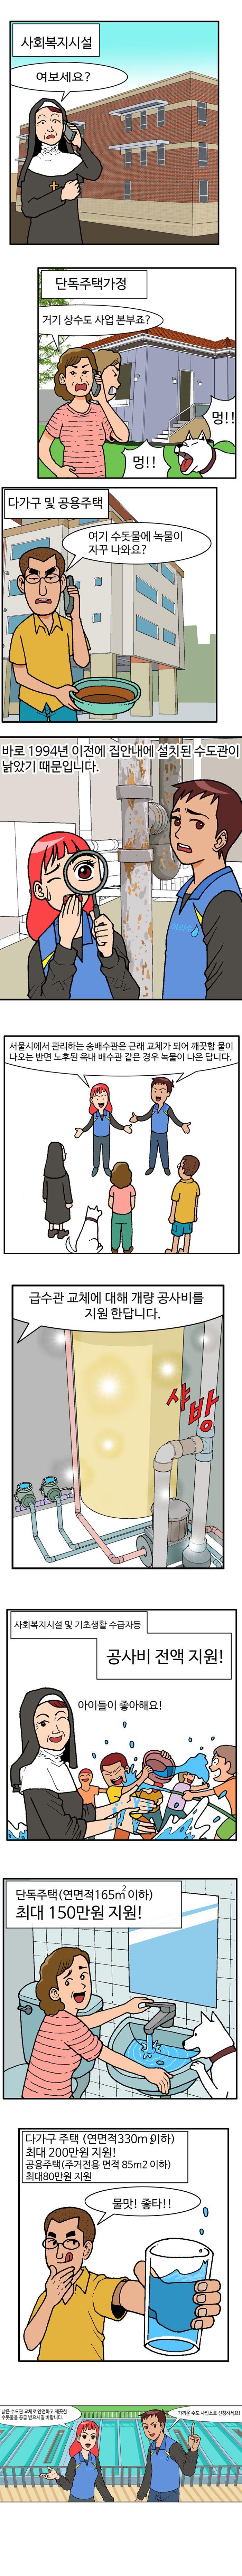 아리수 웹툰 4화 옥내 노후 급수관 교체